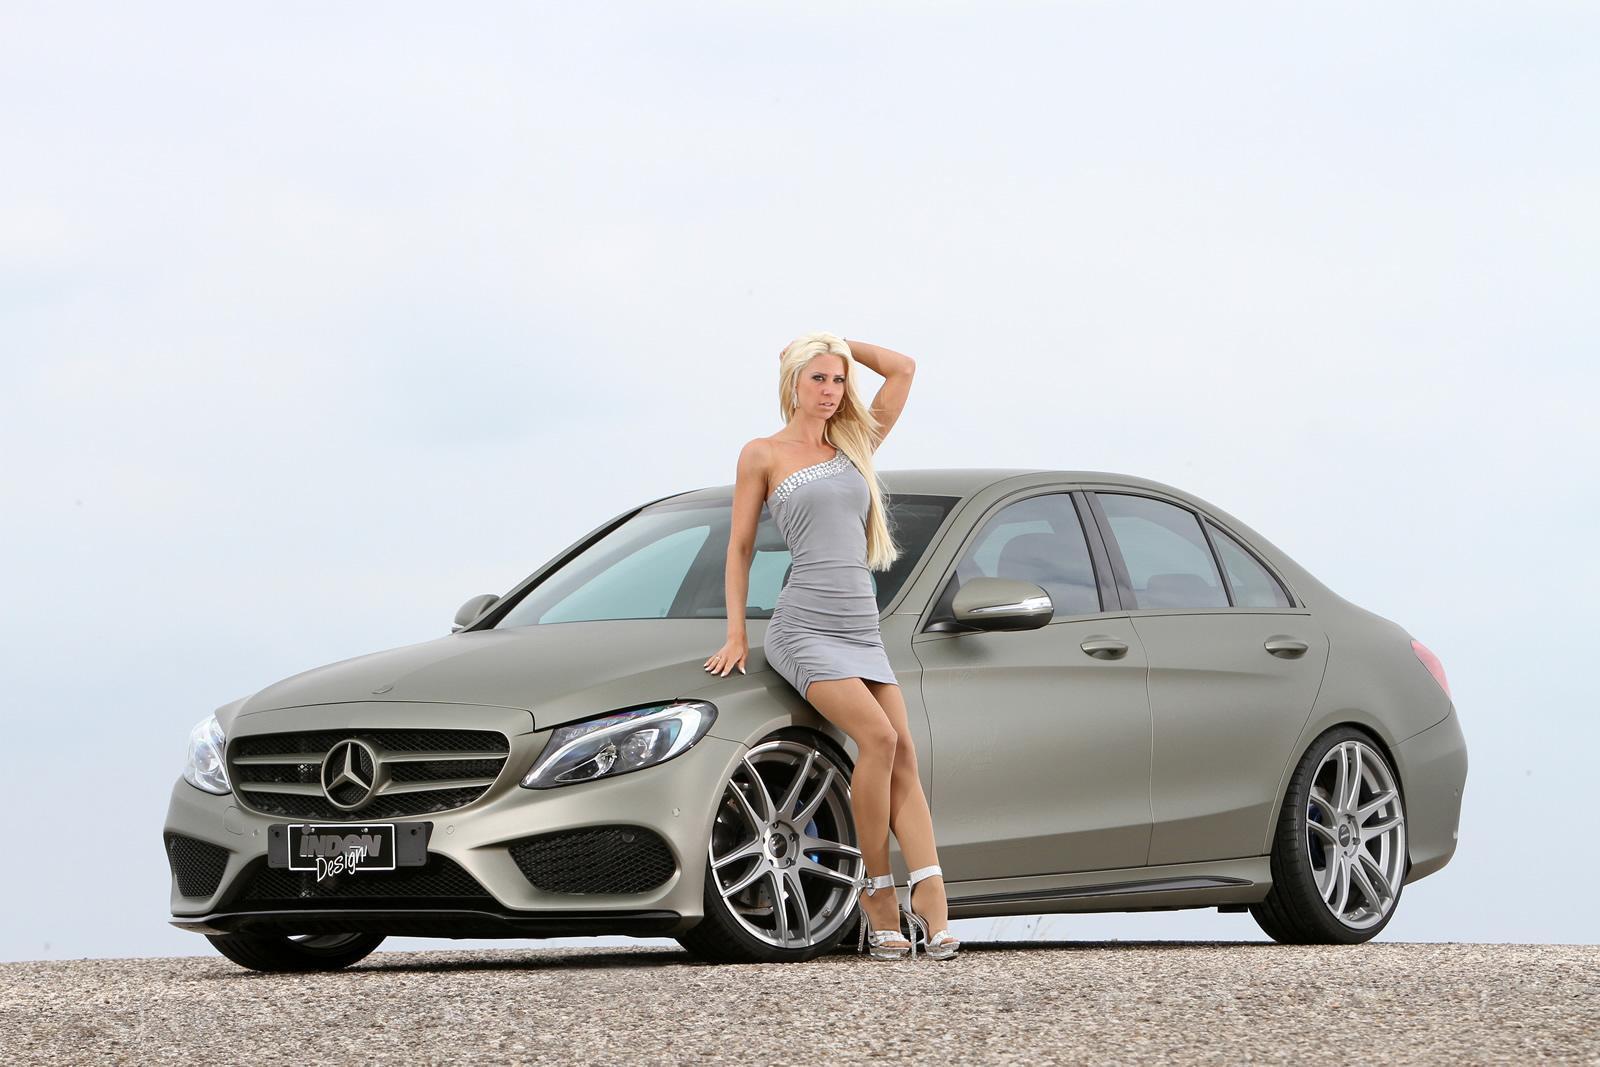 Фото красивых девушек возле автомобиля 14 фотография